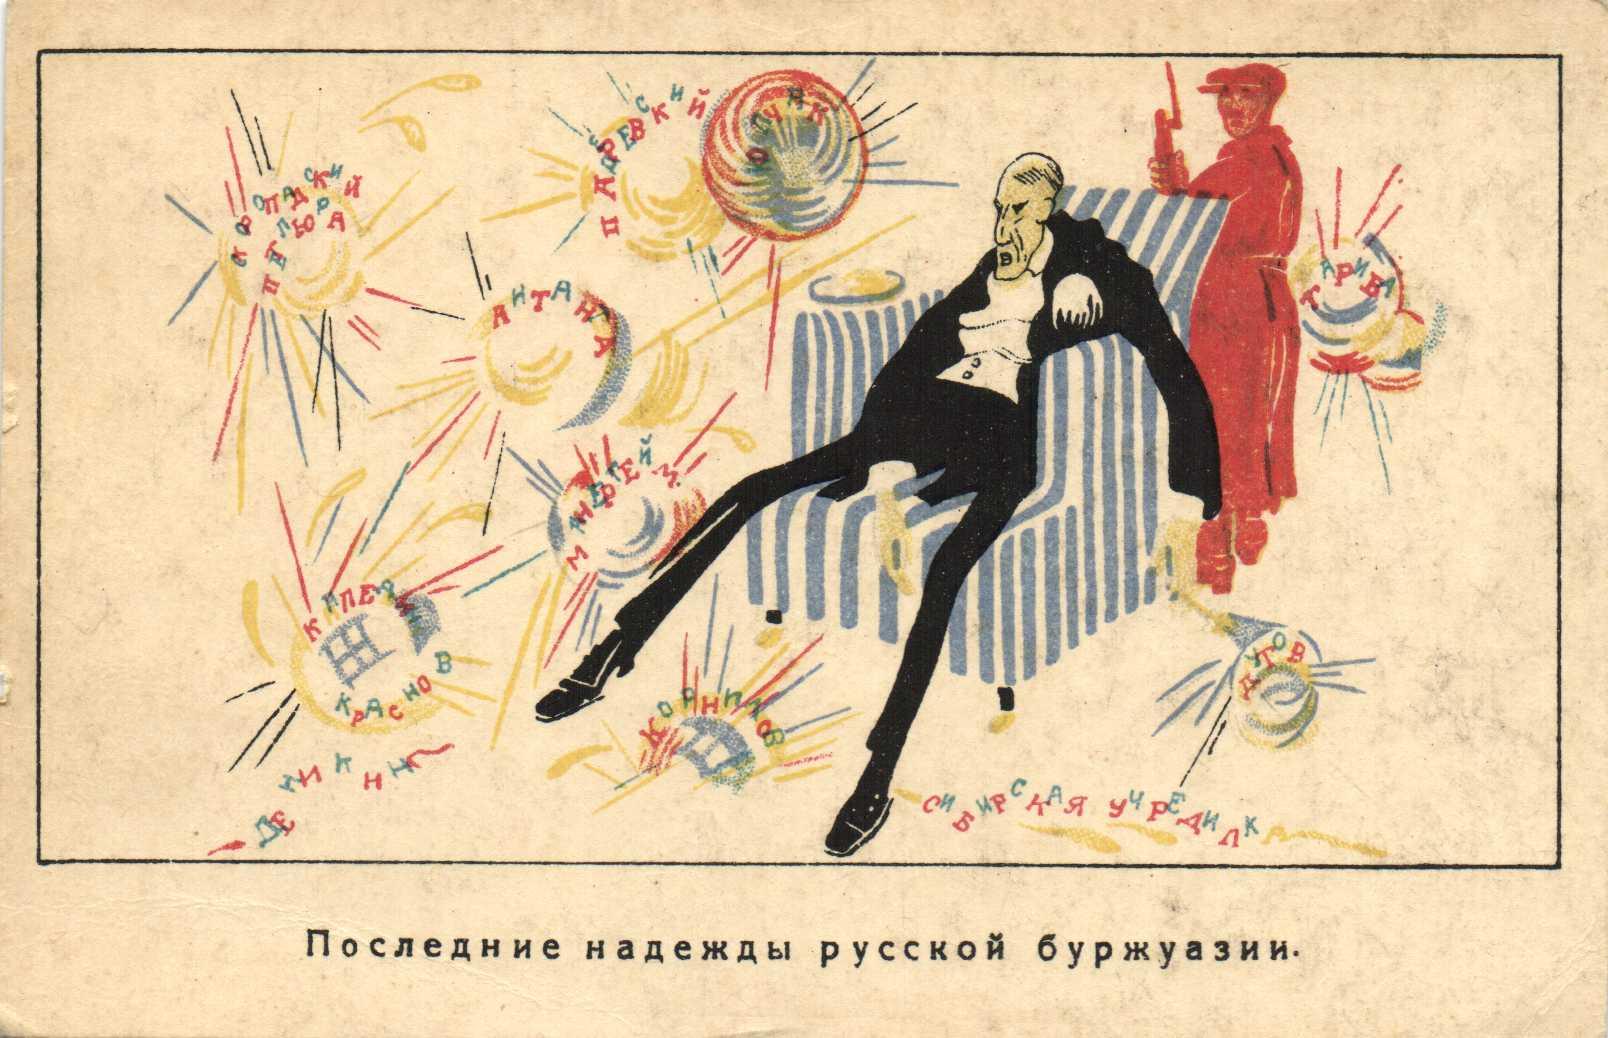 16. Последние надежды русской буржуазии